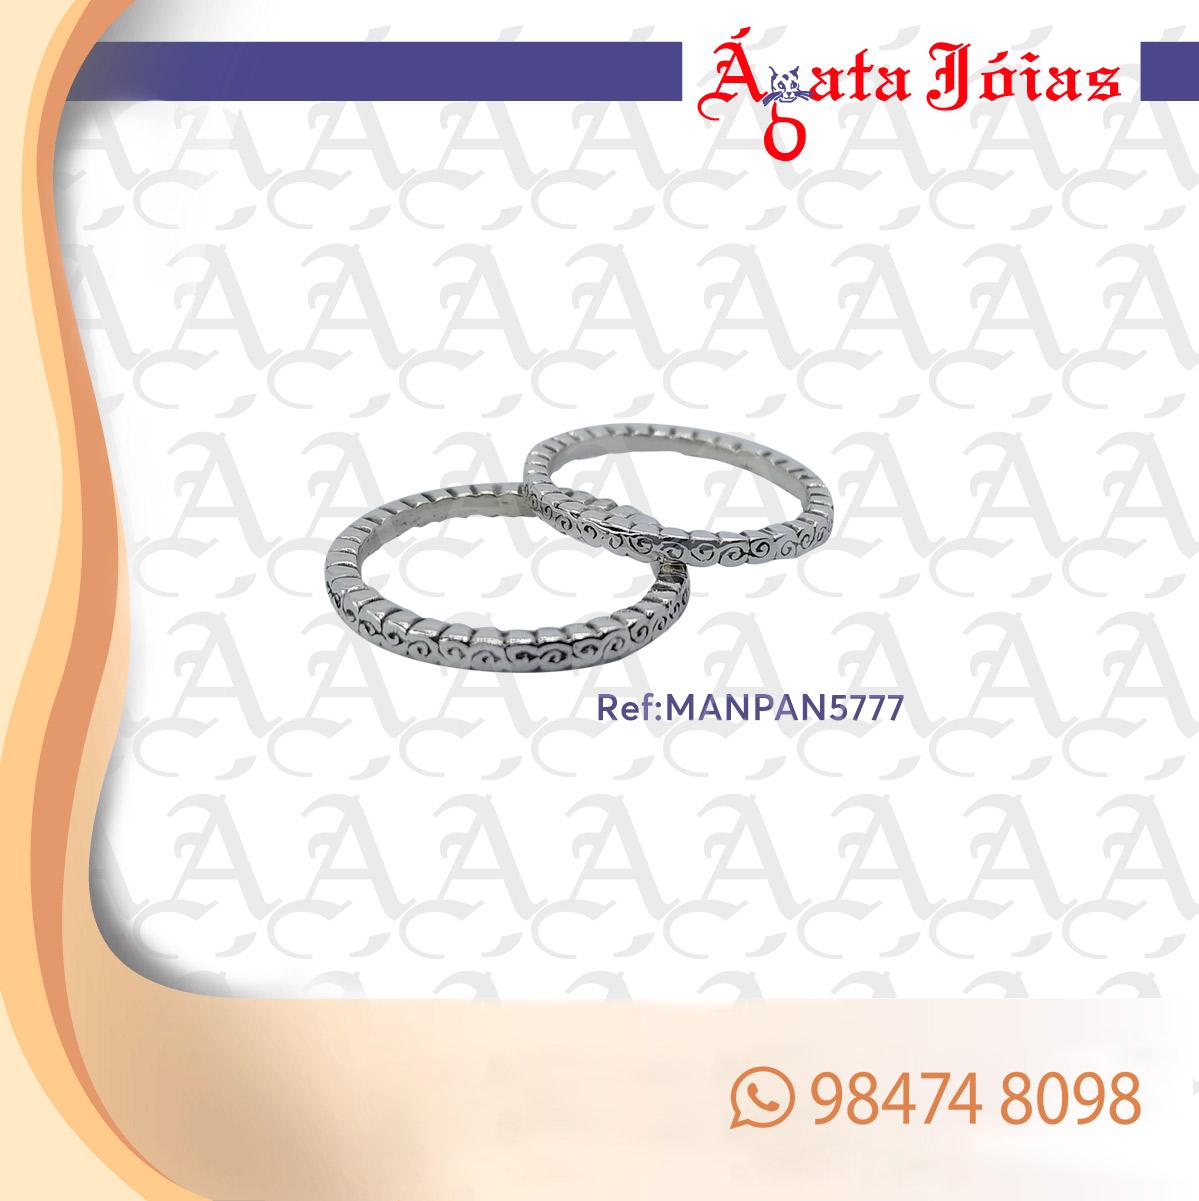 MANPAN5777